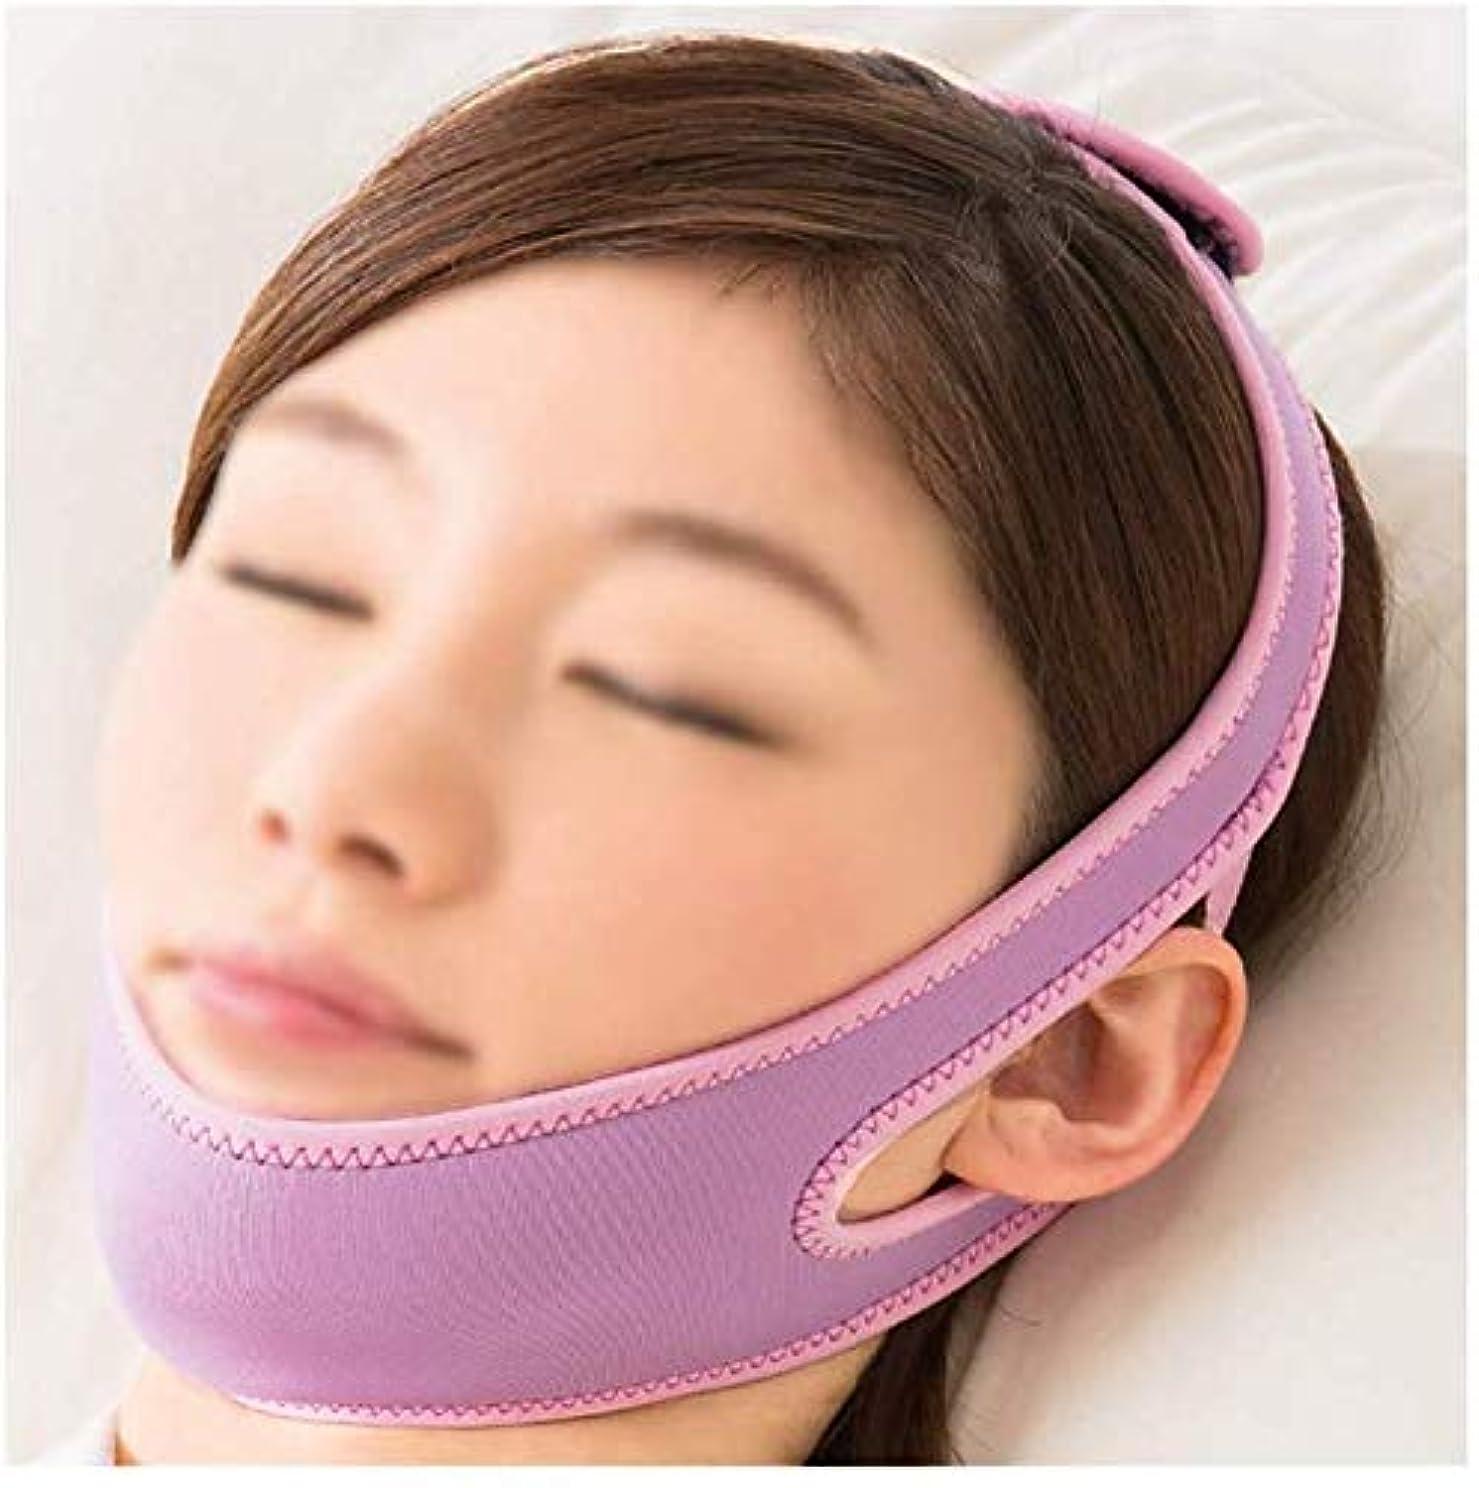 反乱補償実現可能性美容と実用的なフェイシャルマスク、リフティングアーティファクトフェイスマスク小さなV顔包帯でたるみ顔通気性睡眠顔ダブルあごセット睡眠弾性Slim身ベルト